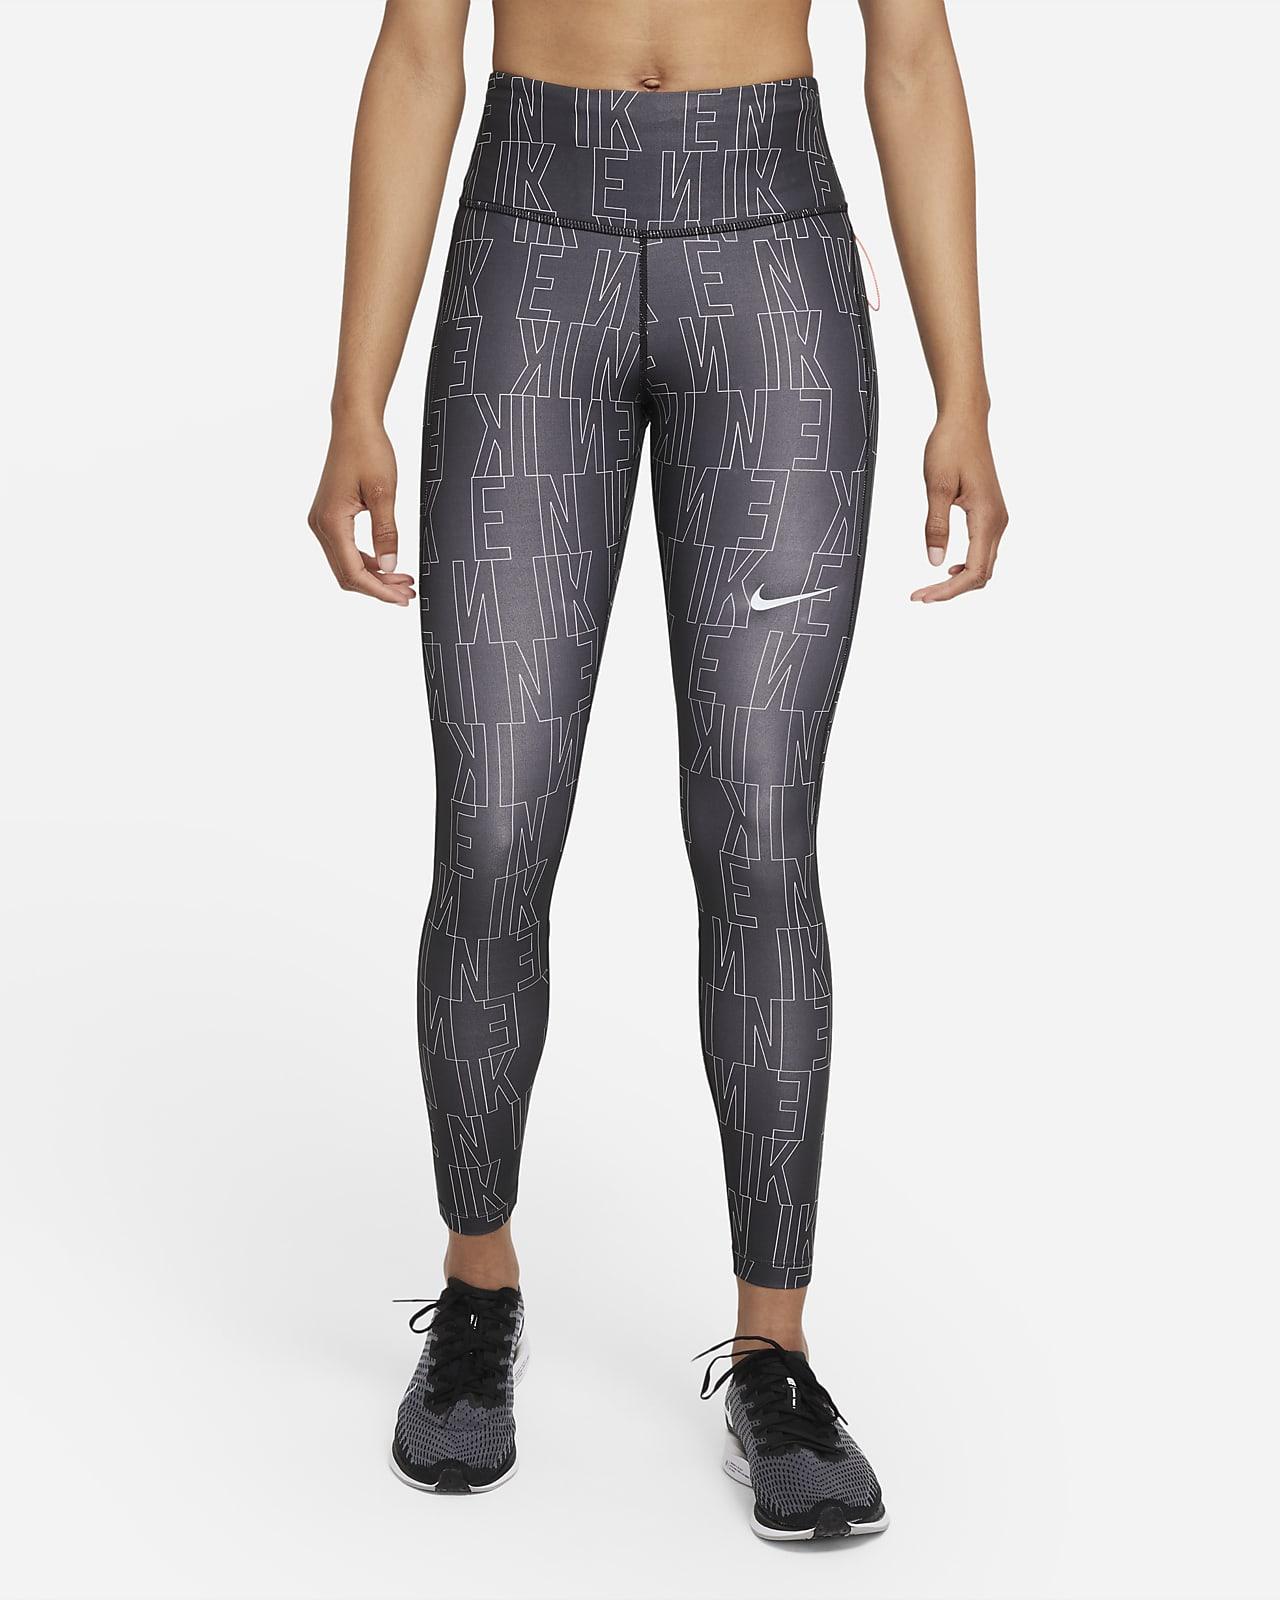 เลกกิ้งวิ่งเอวปานกลางผู้หญิง Nike Dri-FIT Run Division Epic Fast